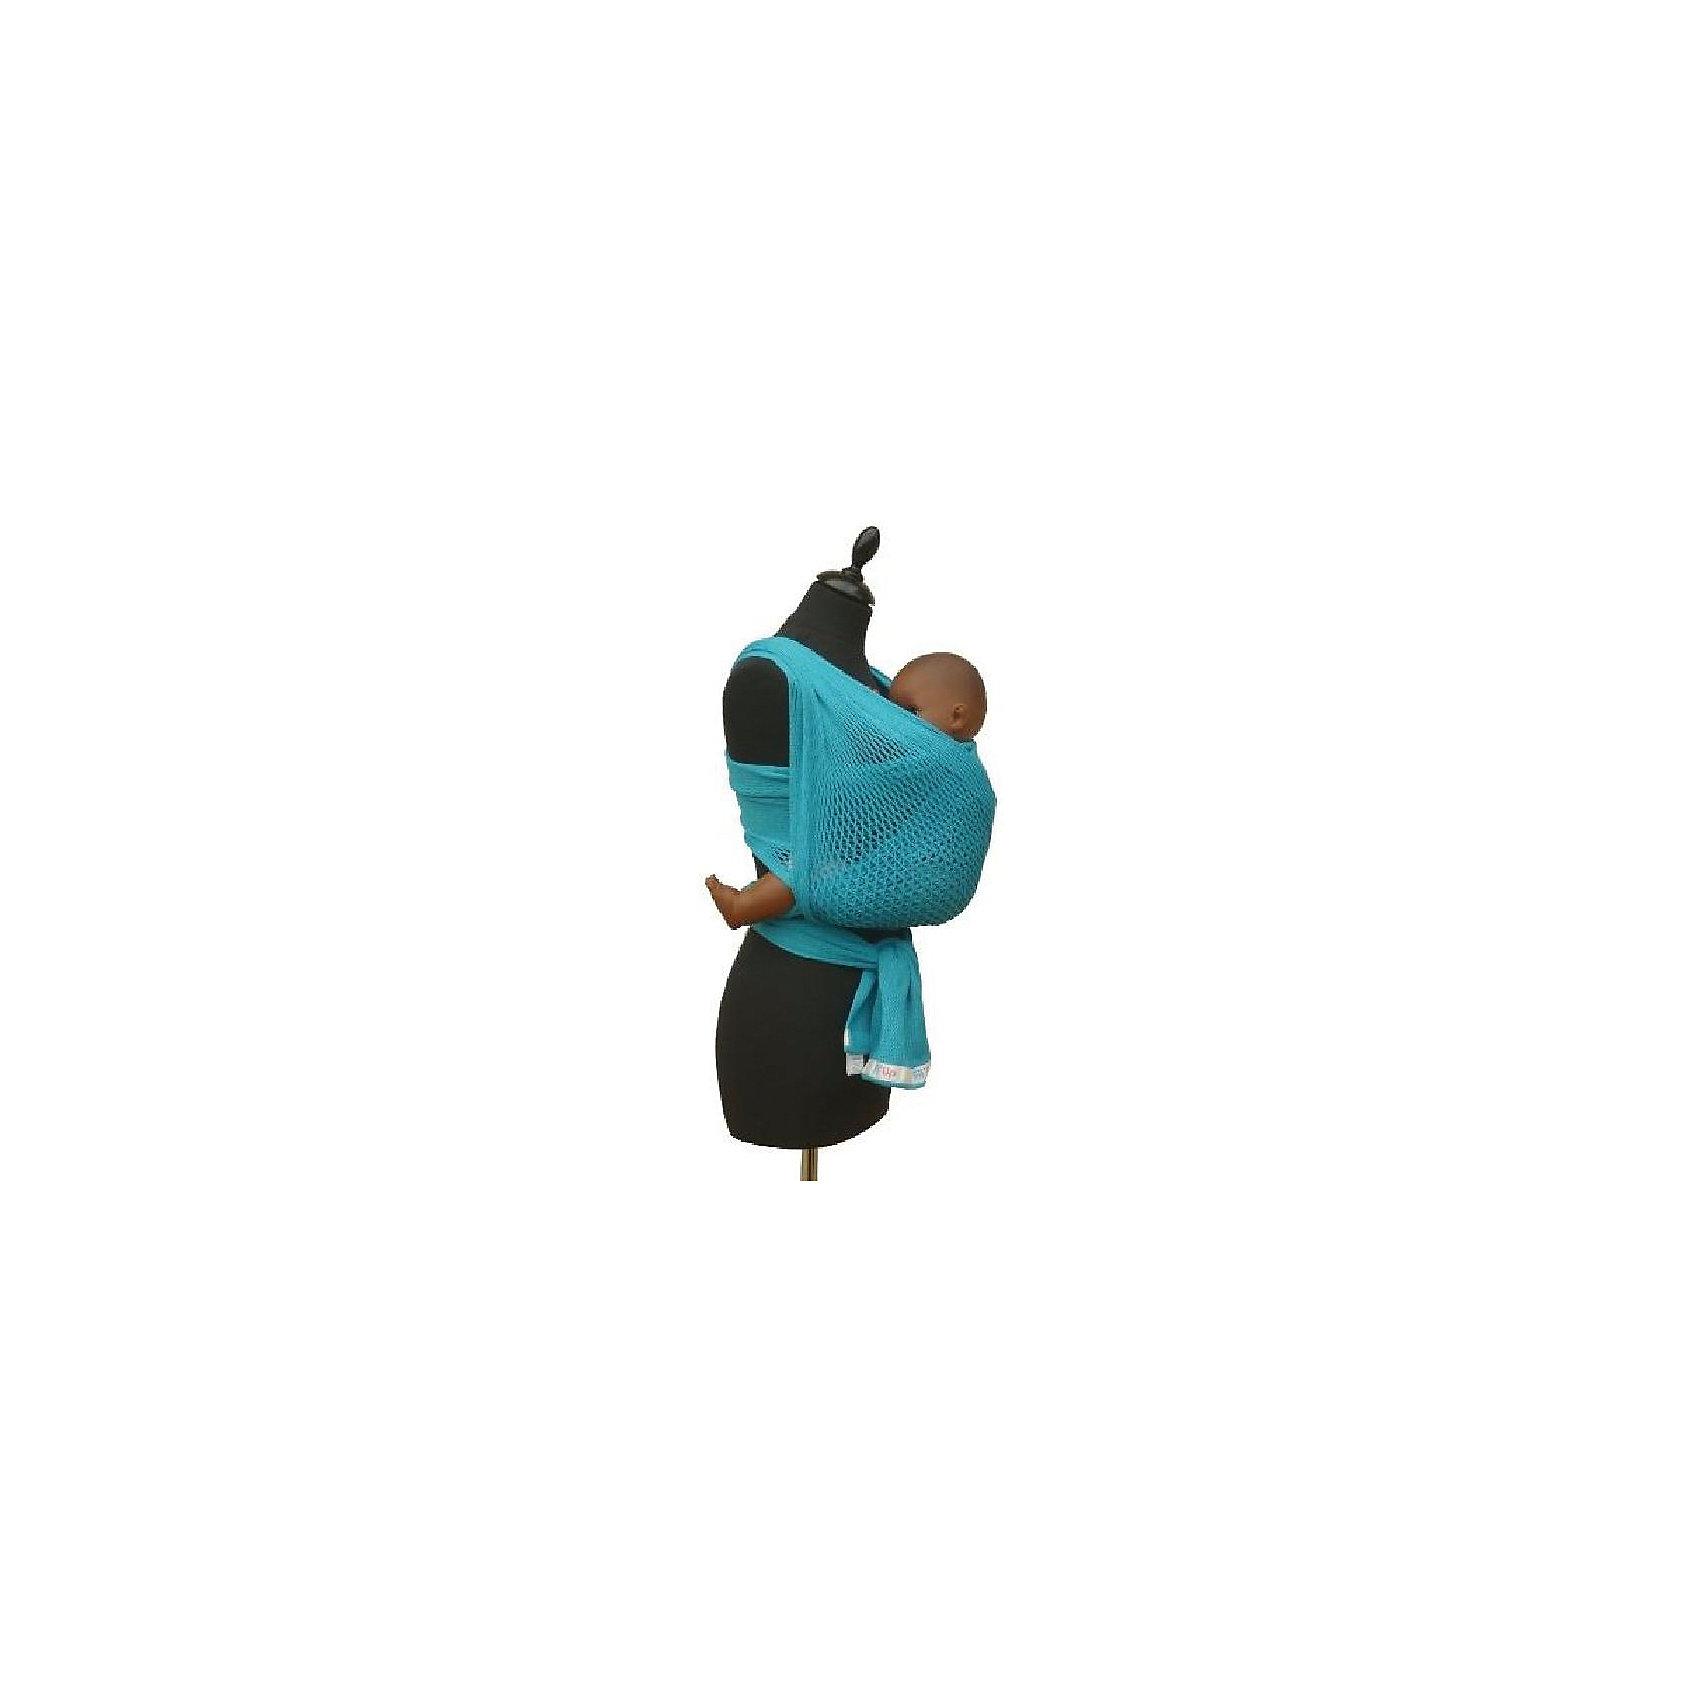 Слинг-шарф из хлопка плетеный размер s-m, Филап, Filt, синийСлинги и рюкзаки-переноски<br><br><br>Ширина мм: 800<br>Глубина мм: 800<br>Высота мм: 50<br>Вес г: 500<br>Возраст от месяцев: 0<br>Возраст до месяцев: 12<br>Пол: Унисекс<br>Возраст: Детский<br>SKU: 5445090